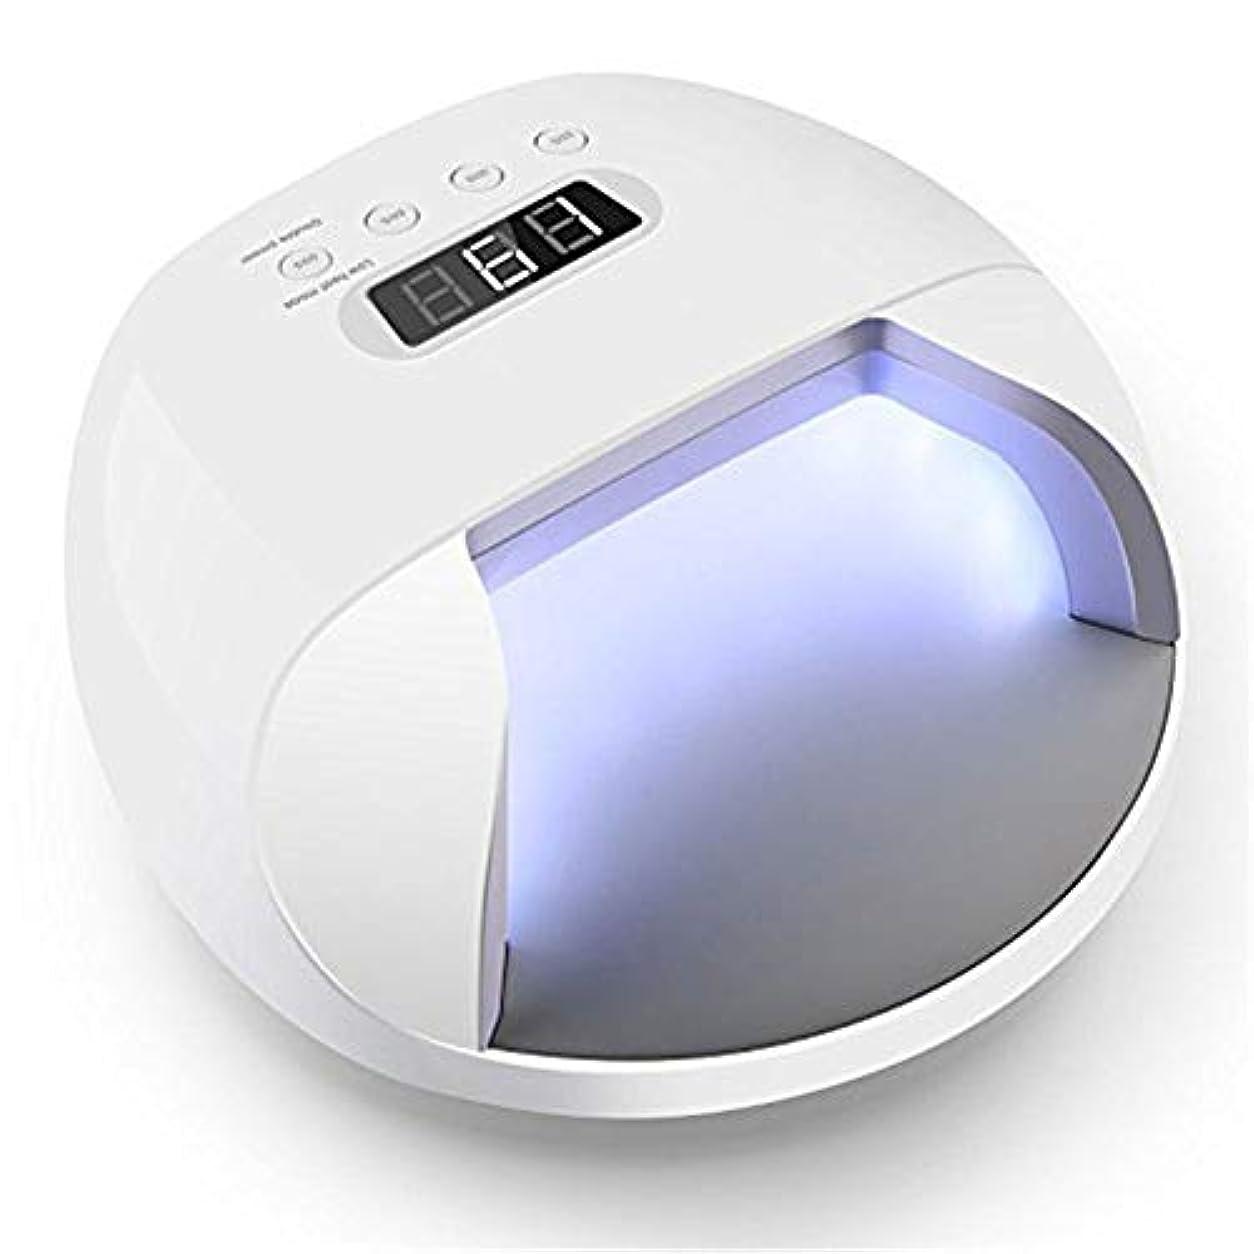 ダブルパワーデザイン、4タイマー設定、液晶ディスプレイ、痛みのない硬化、過熱保護を備えたジェルネイル用UV LEDネイルランプUVライト